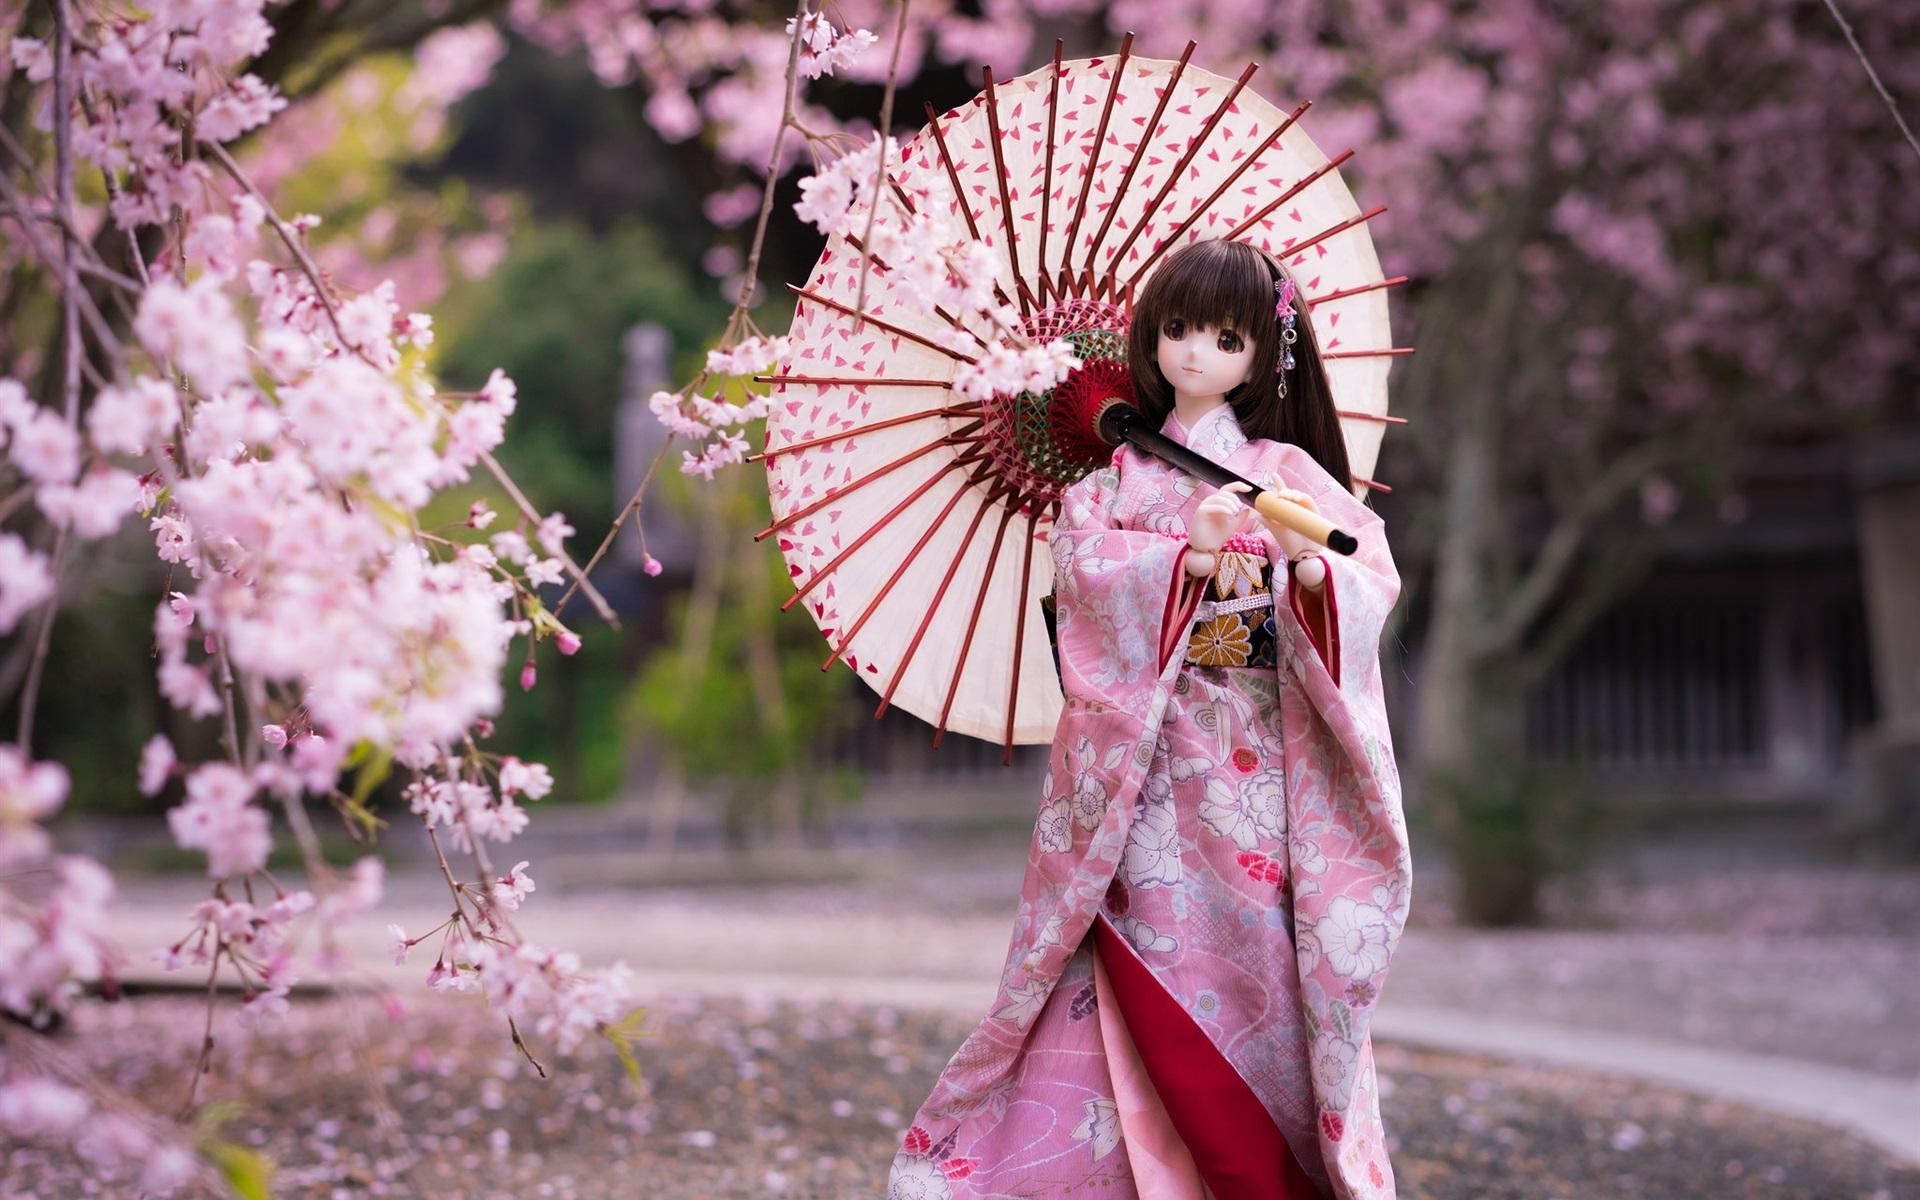 壁紙 和風人形少女 着物 傘 さくらの花 1920x1200 Hd 無料の